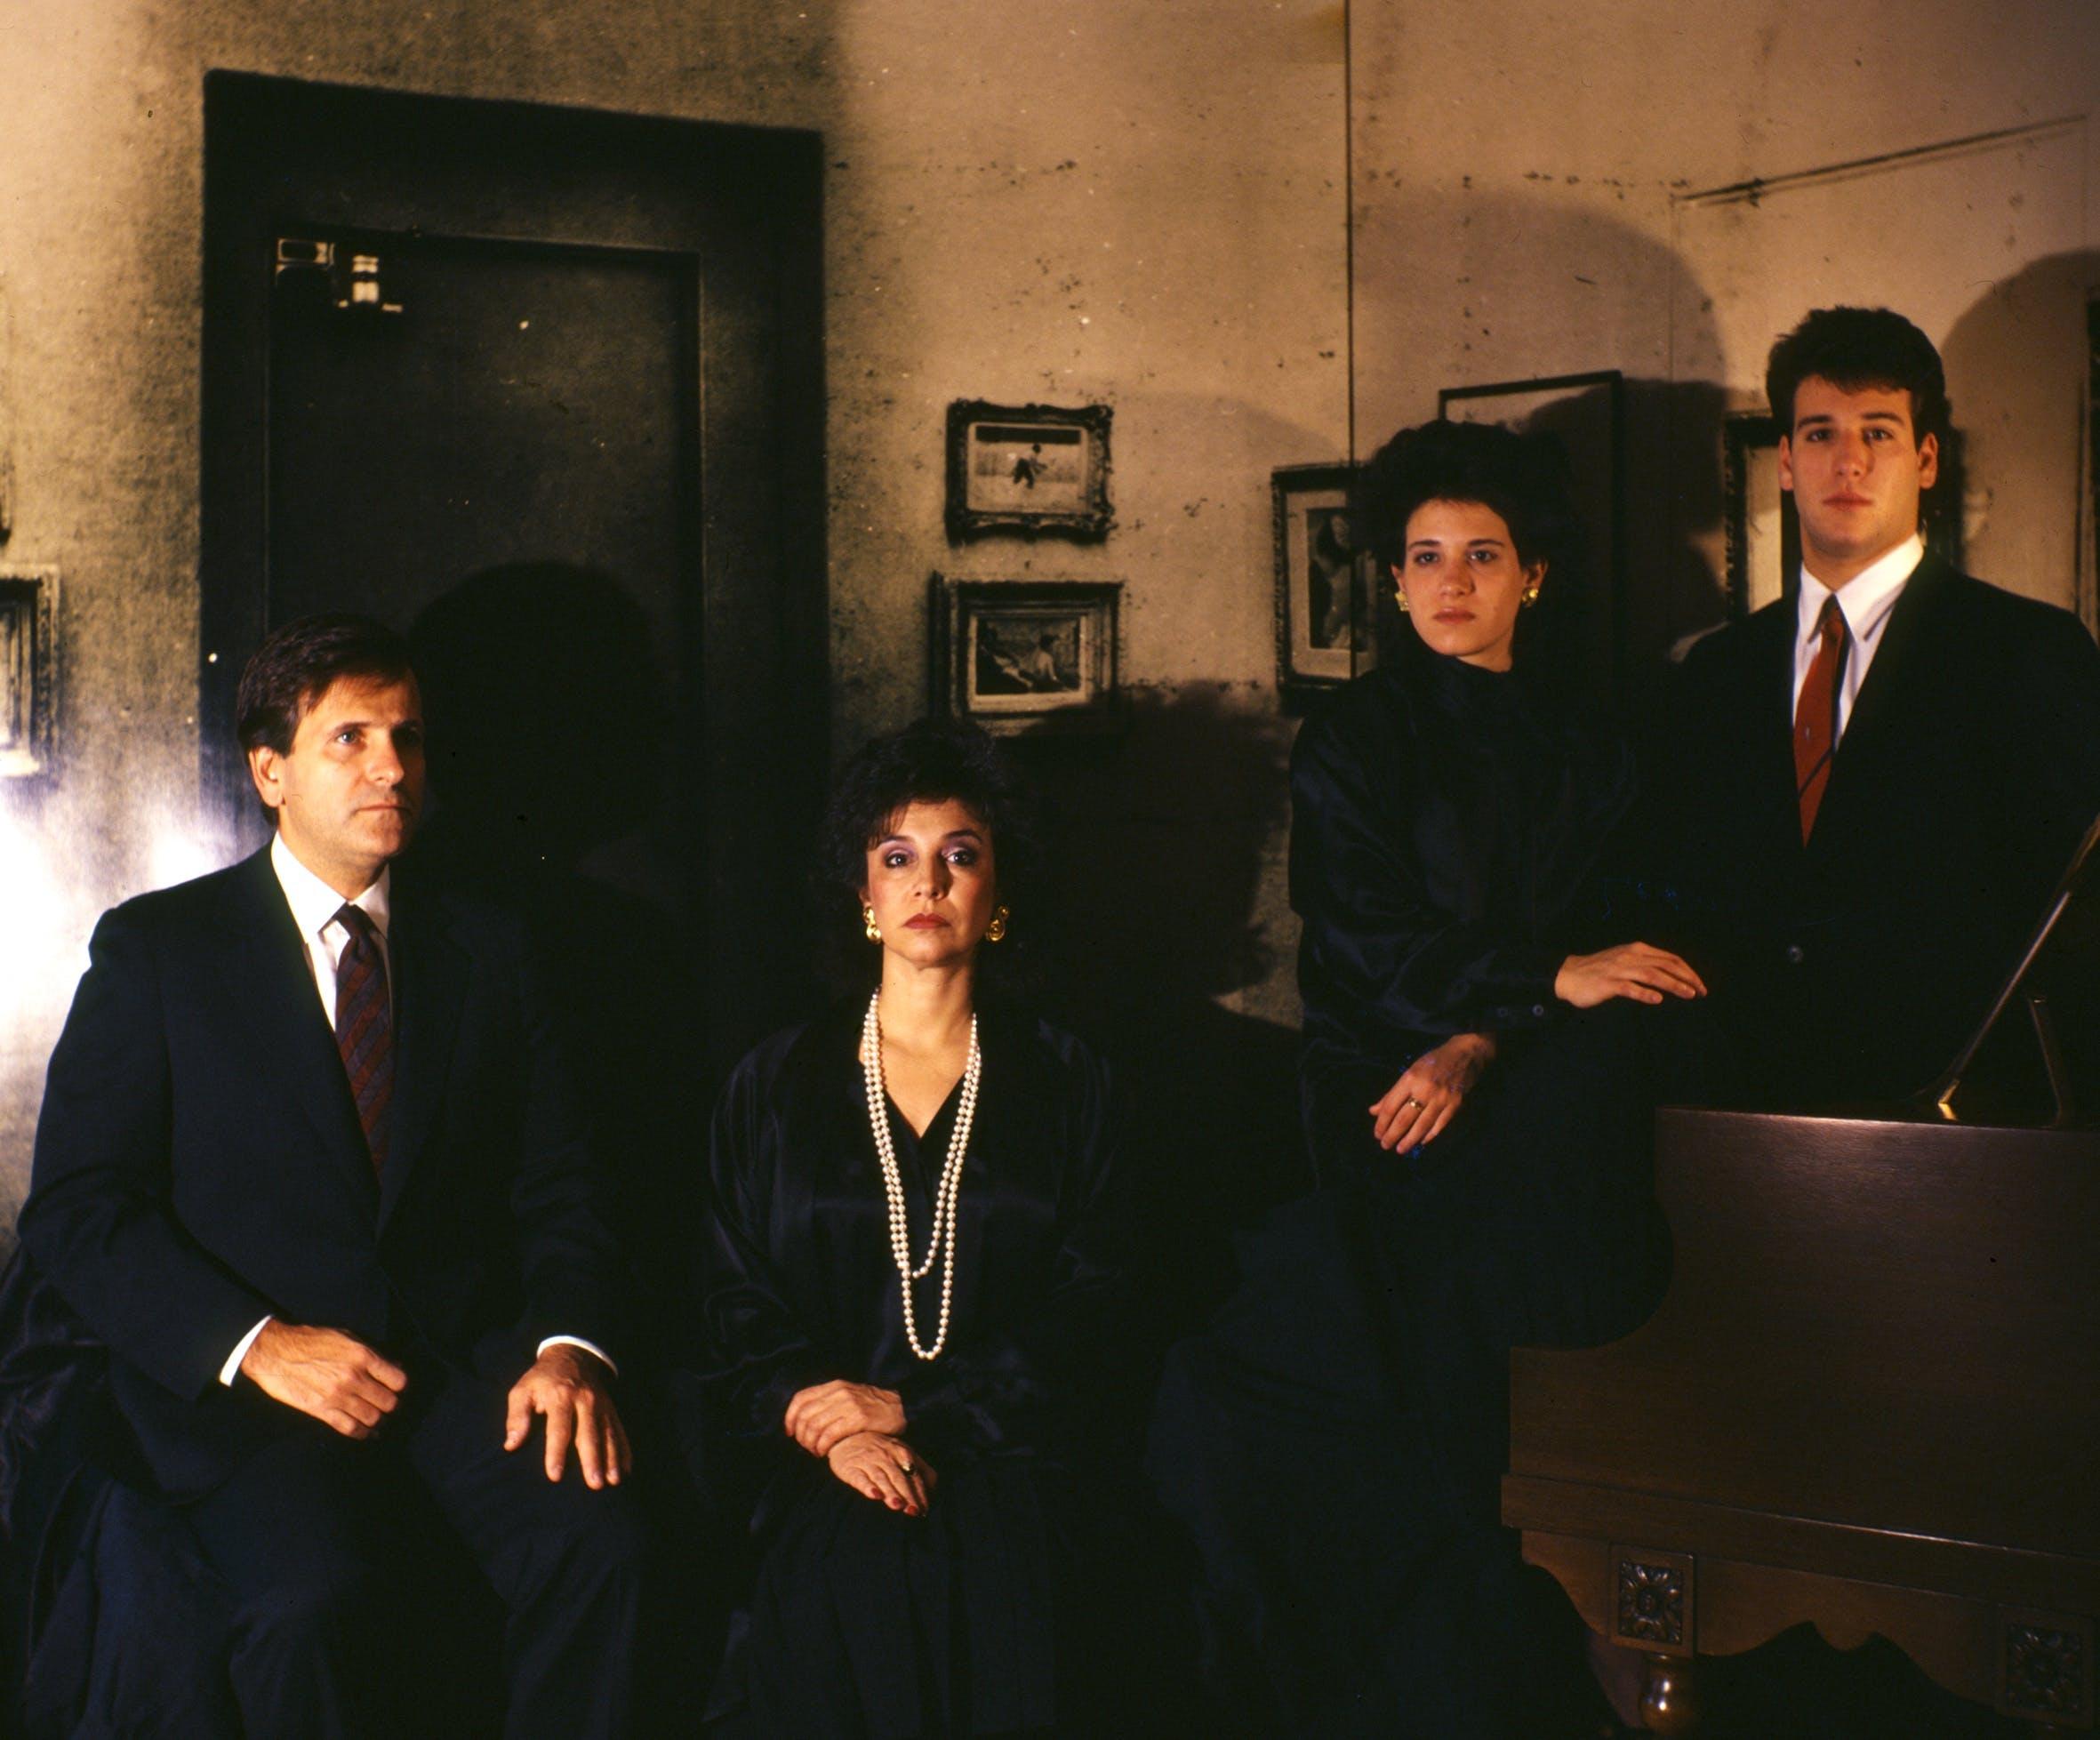 """Una foto di famiglia """"An American Family, A Rejected Commission,"""" 1987, di Clegg & Guttmann."""